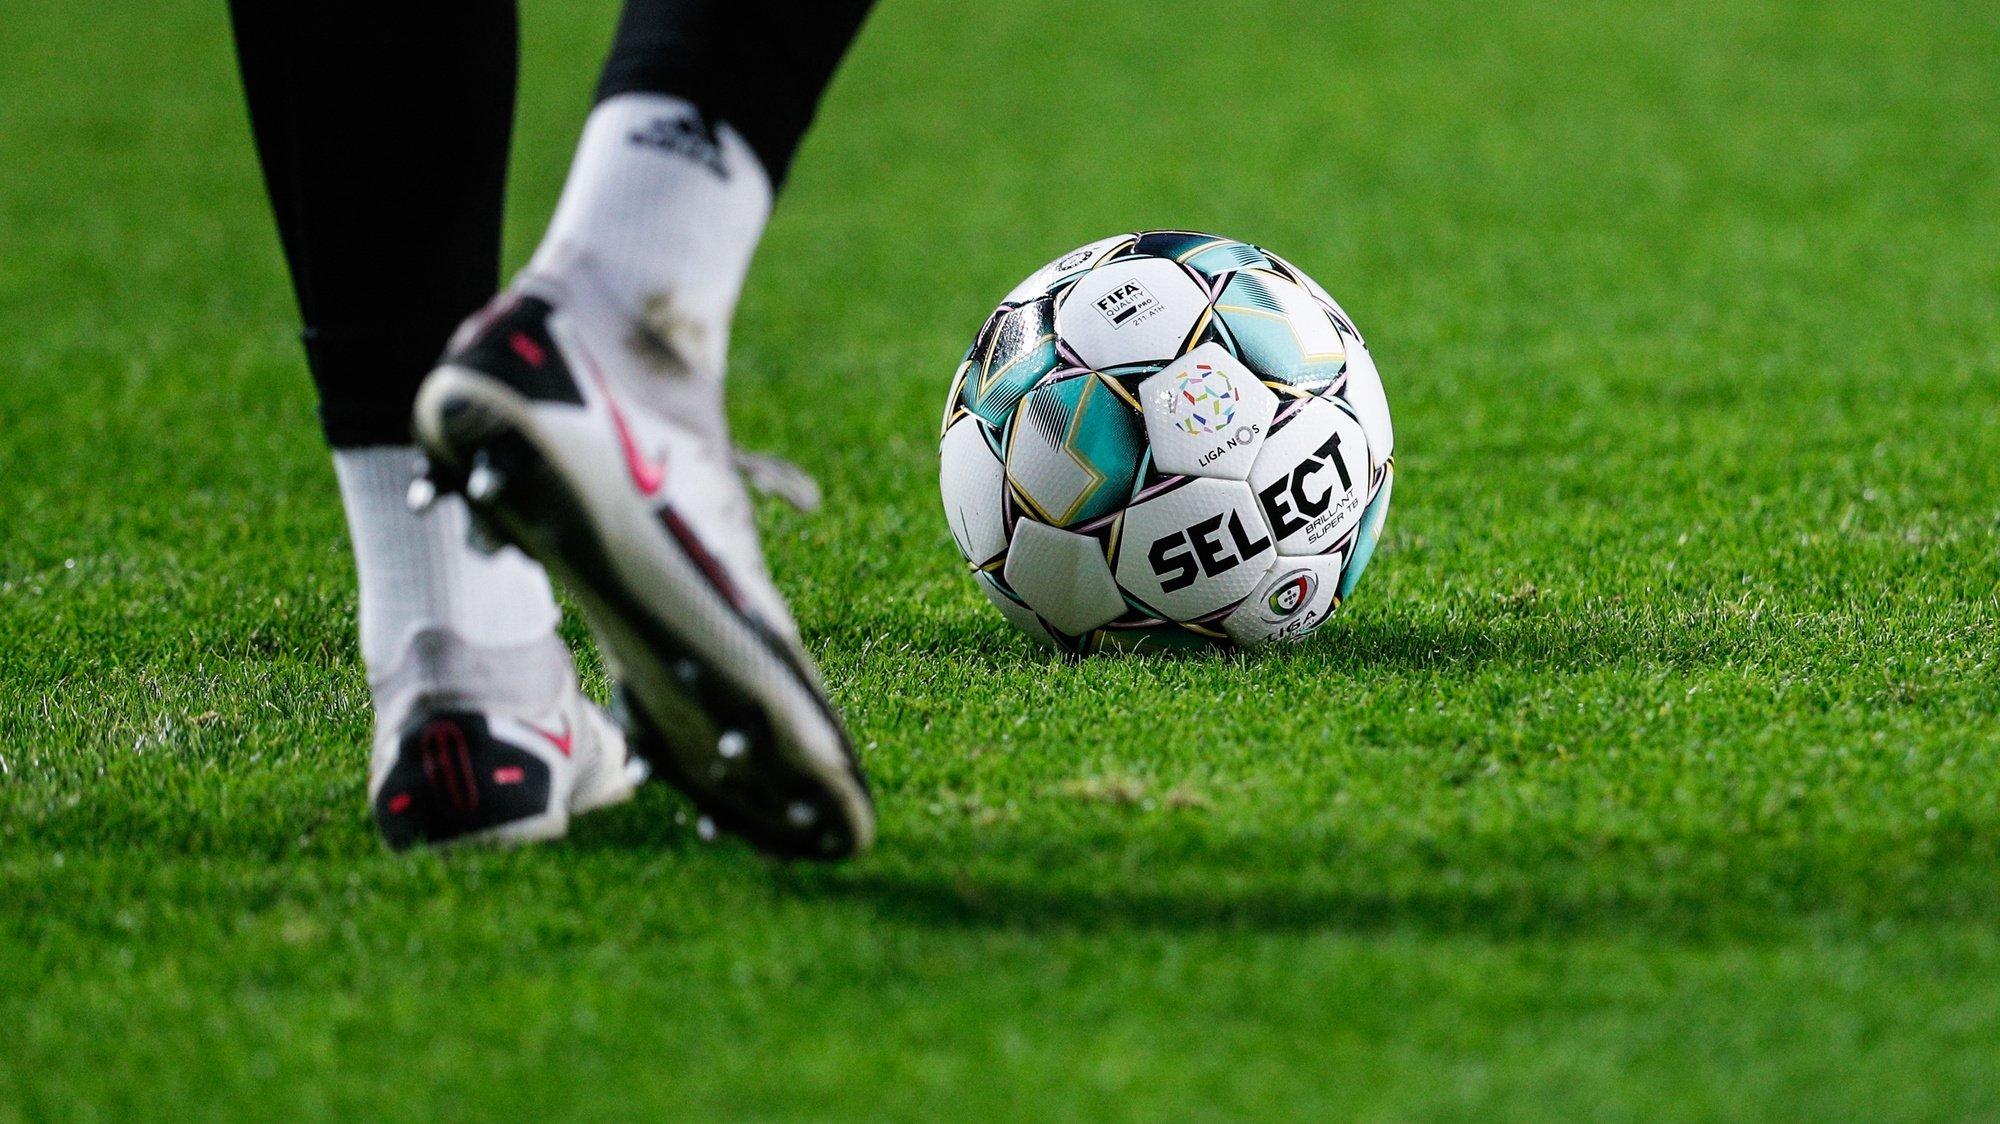 Bola de futebol que vai ser utilizada na época 2020-2021 da Liga de Futebol, em Lisboa, 29 de dezembro de 2020. ANTÓNIO COTRIM/LUSA